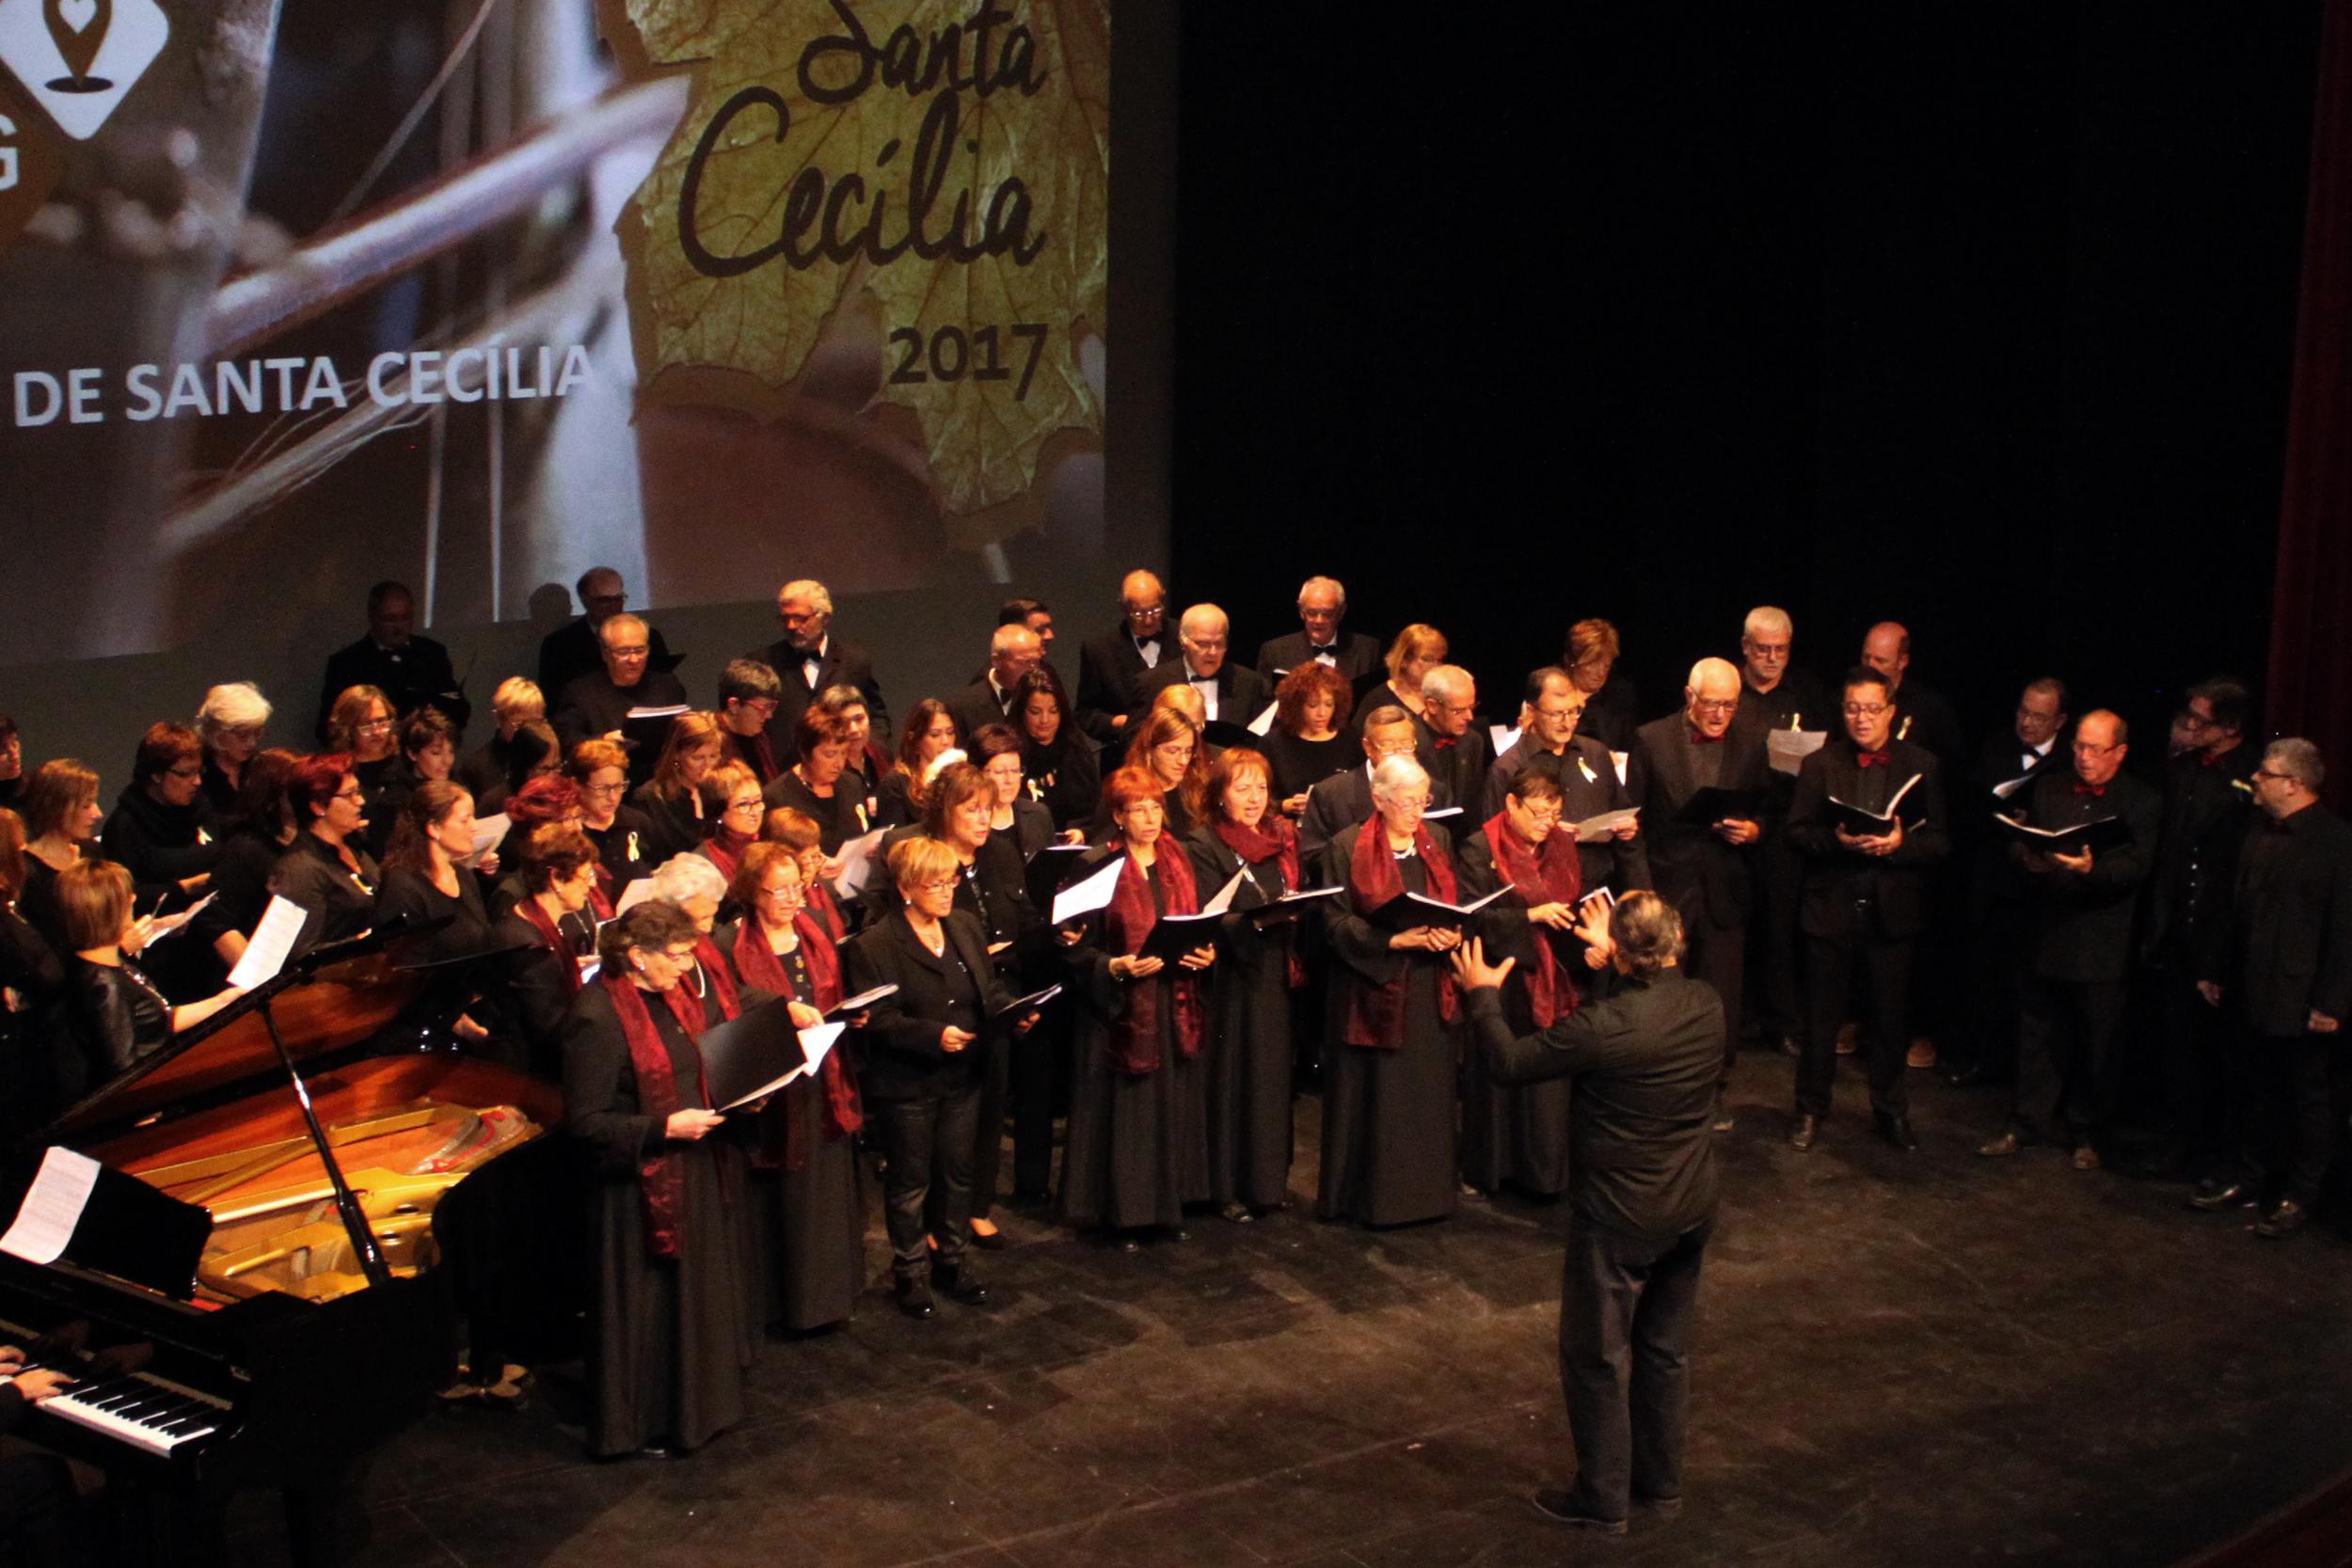 Tàrrega celebrarà el concert de Santa Cecília el diumenge 18 de novembre a benefici del Magatzem d'Aliments Solidaris